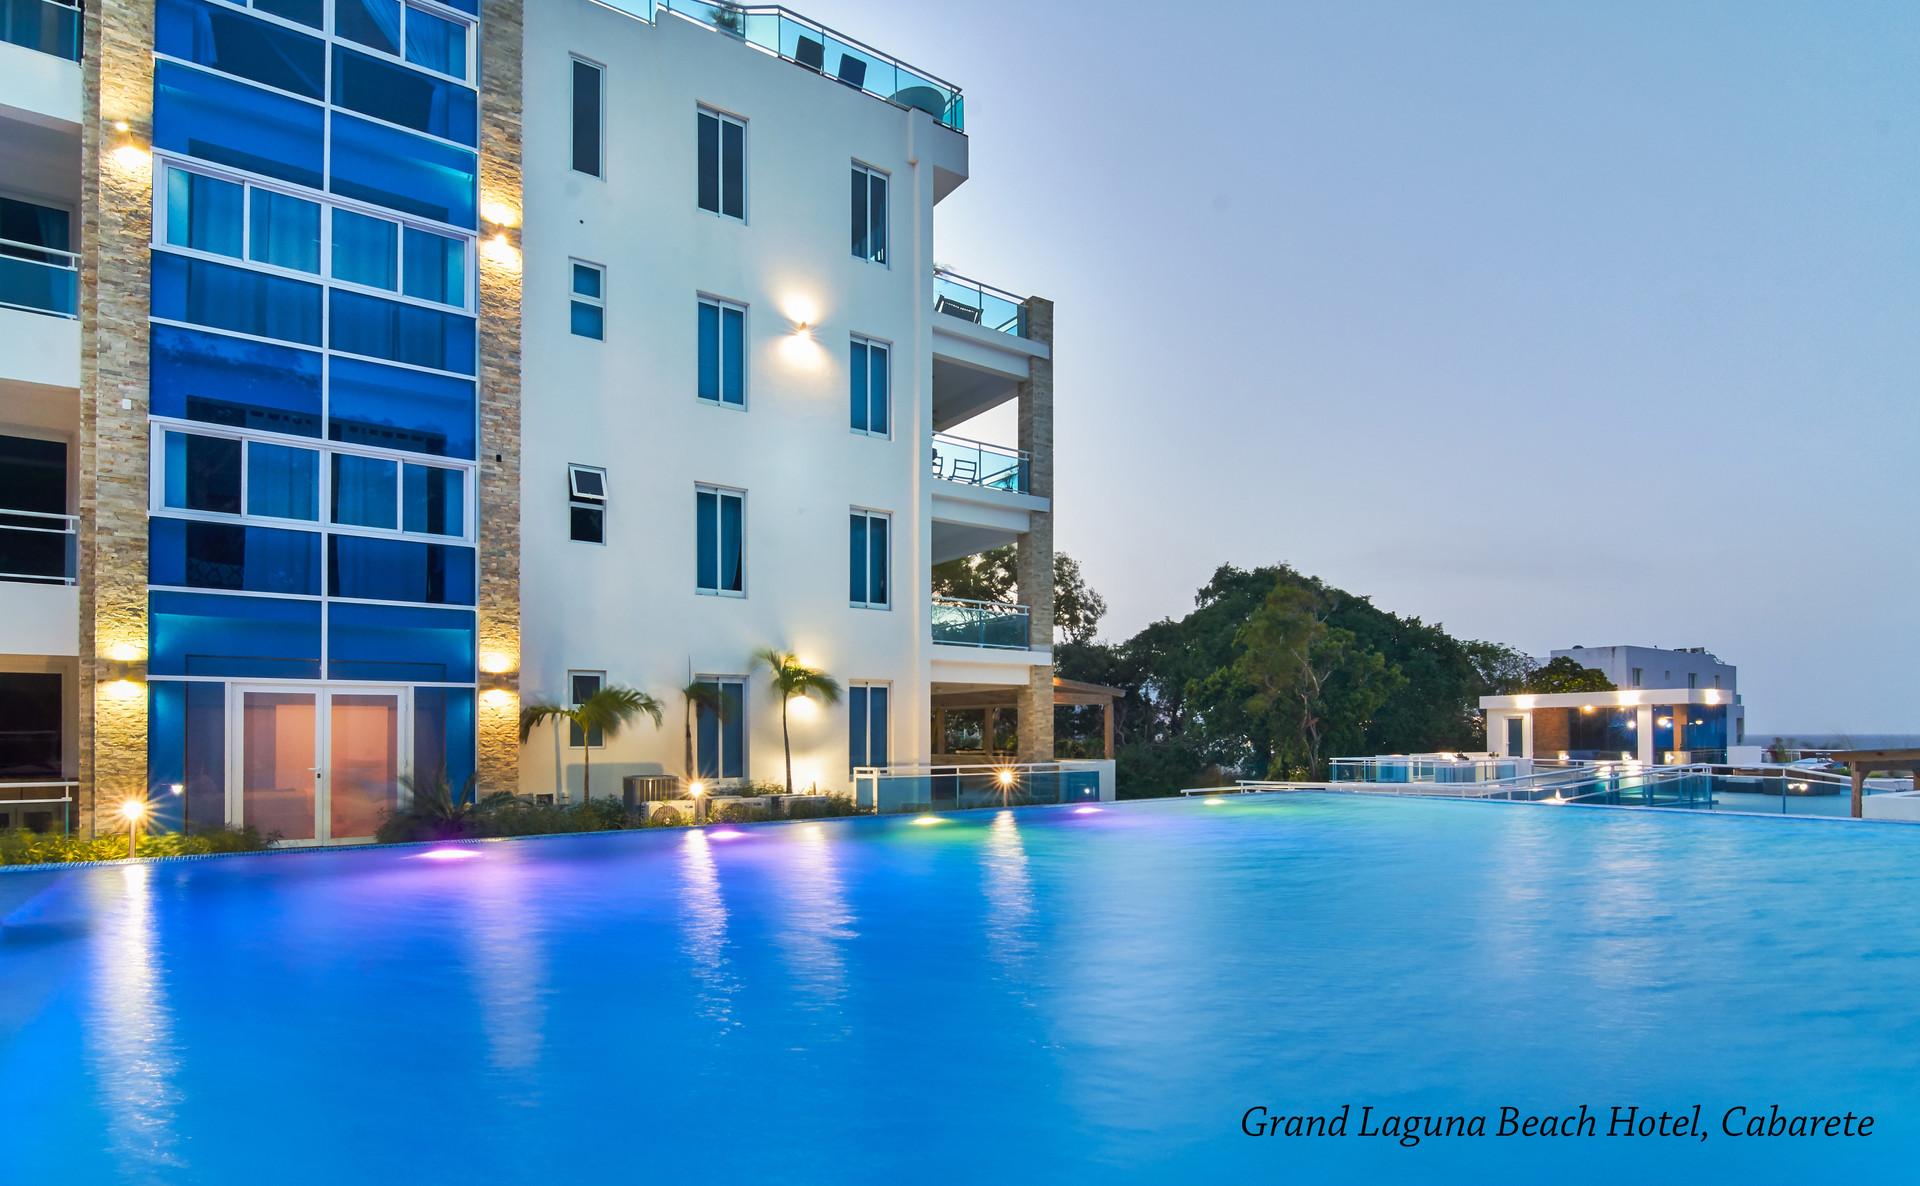 Grand Laguna Beach Hotel, Cabarete, Republica Dominicana.